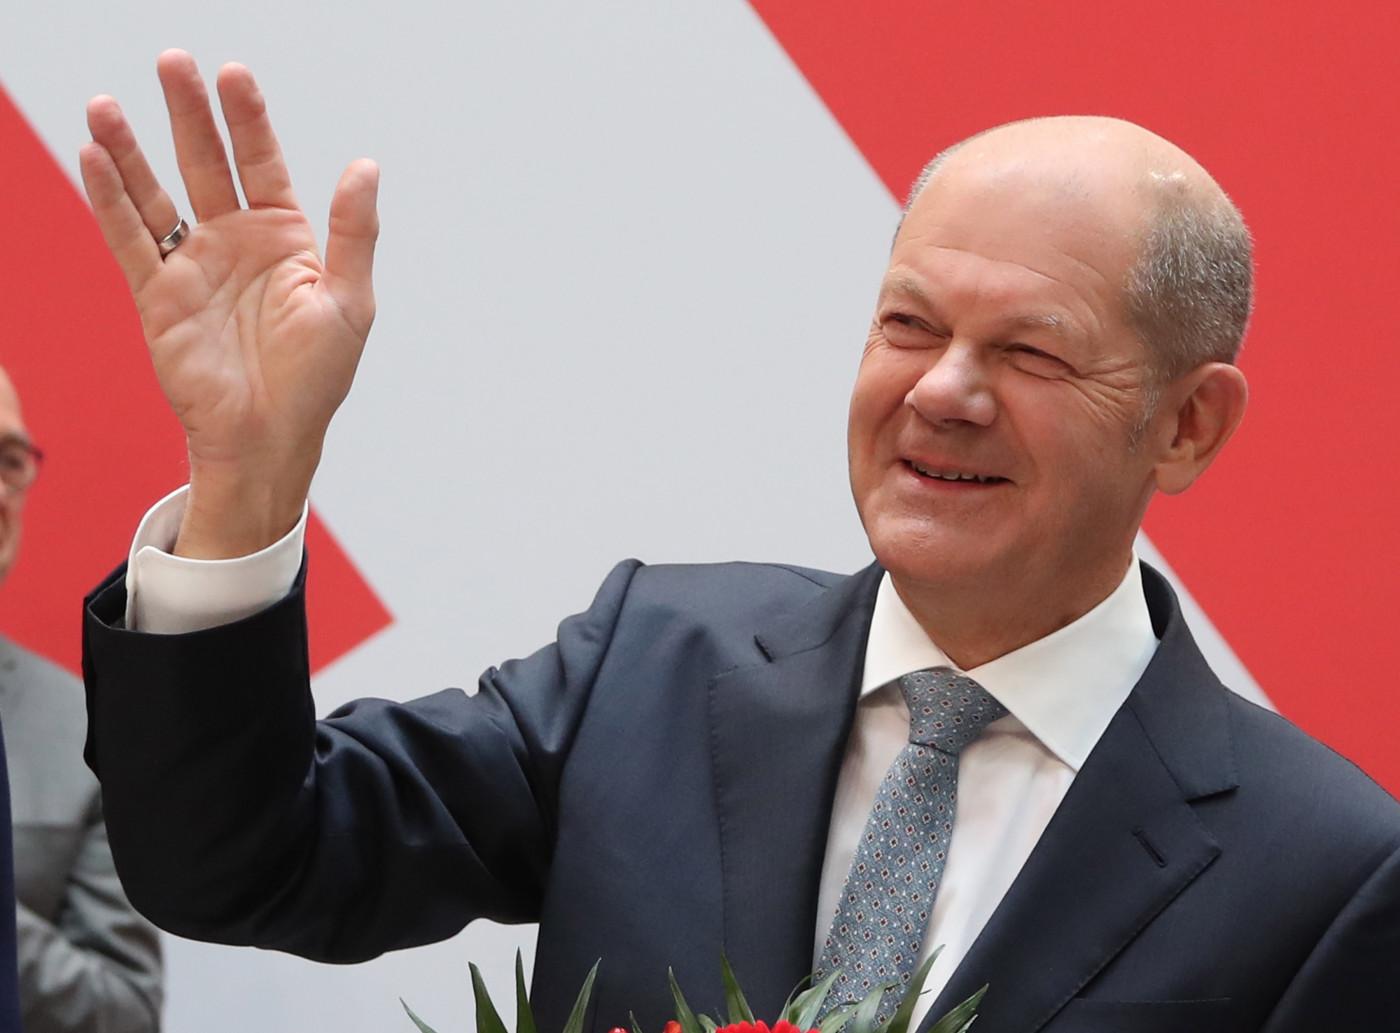 candidato do Partido Social-Democrata Alemão (SPD) Olaf Scholz